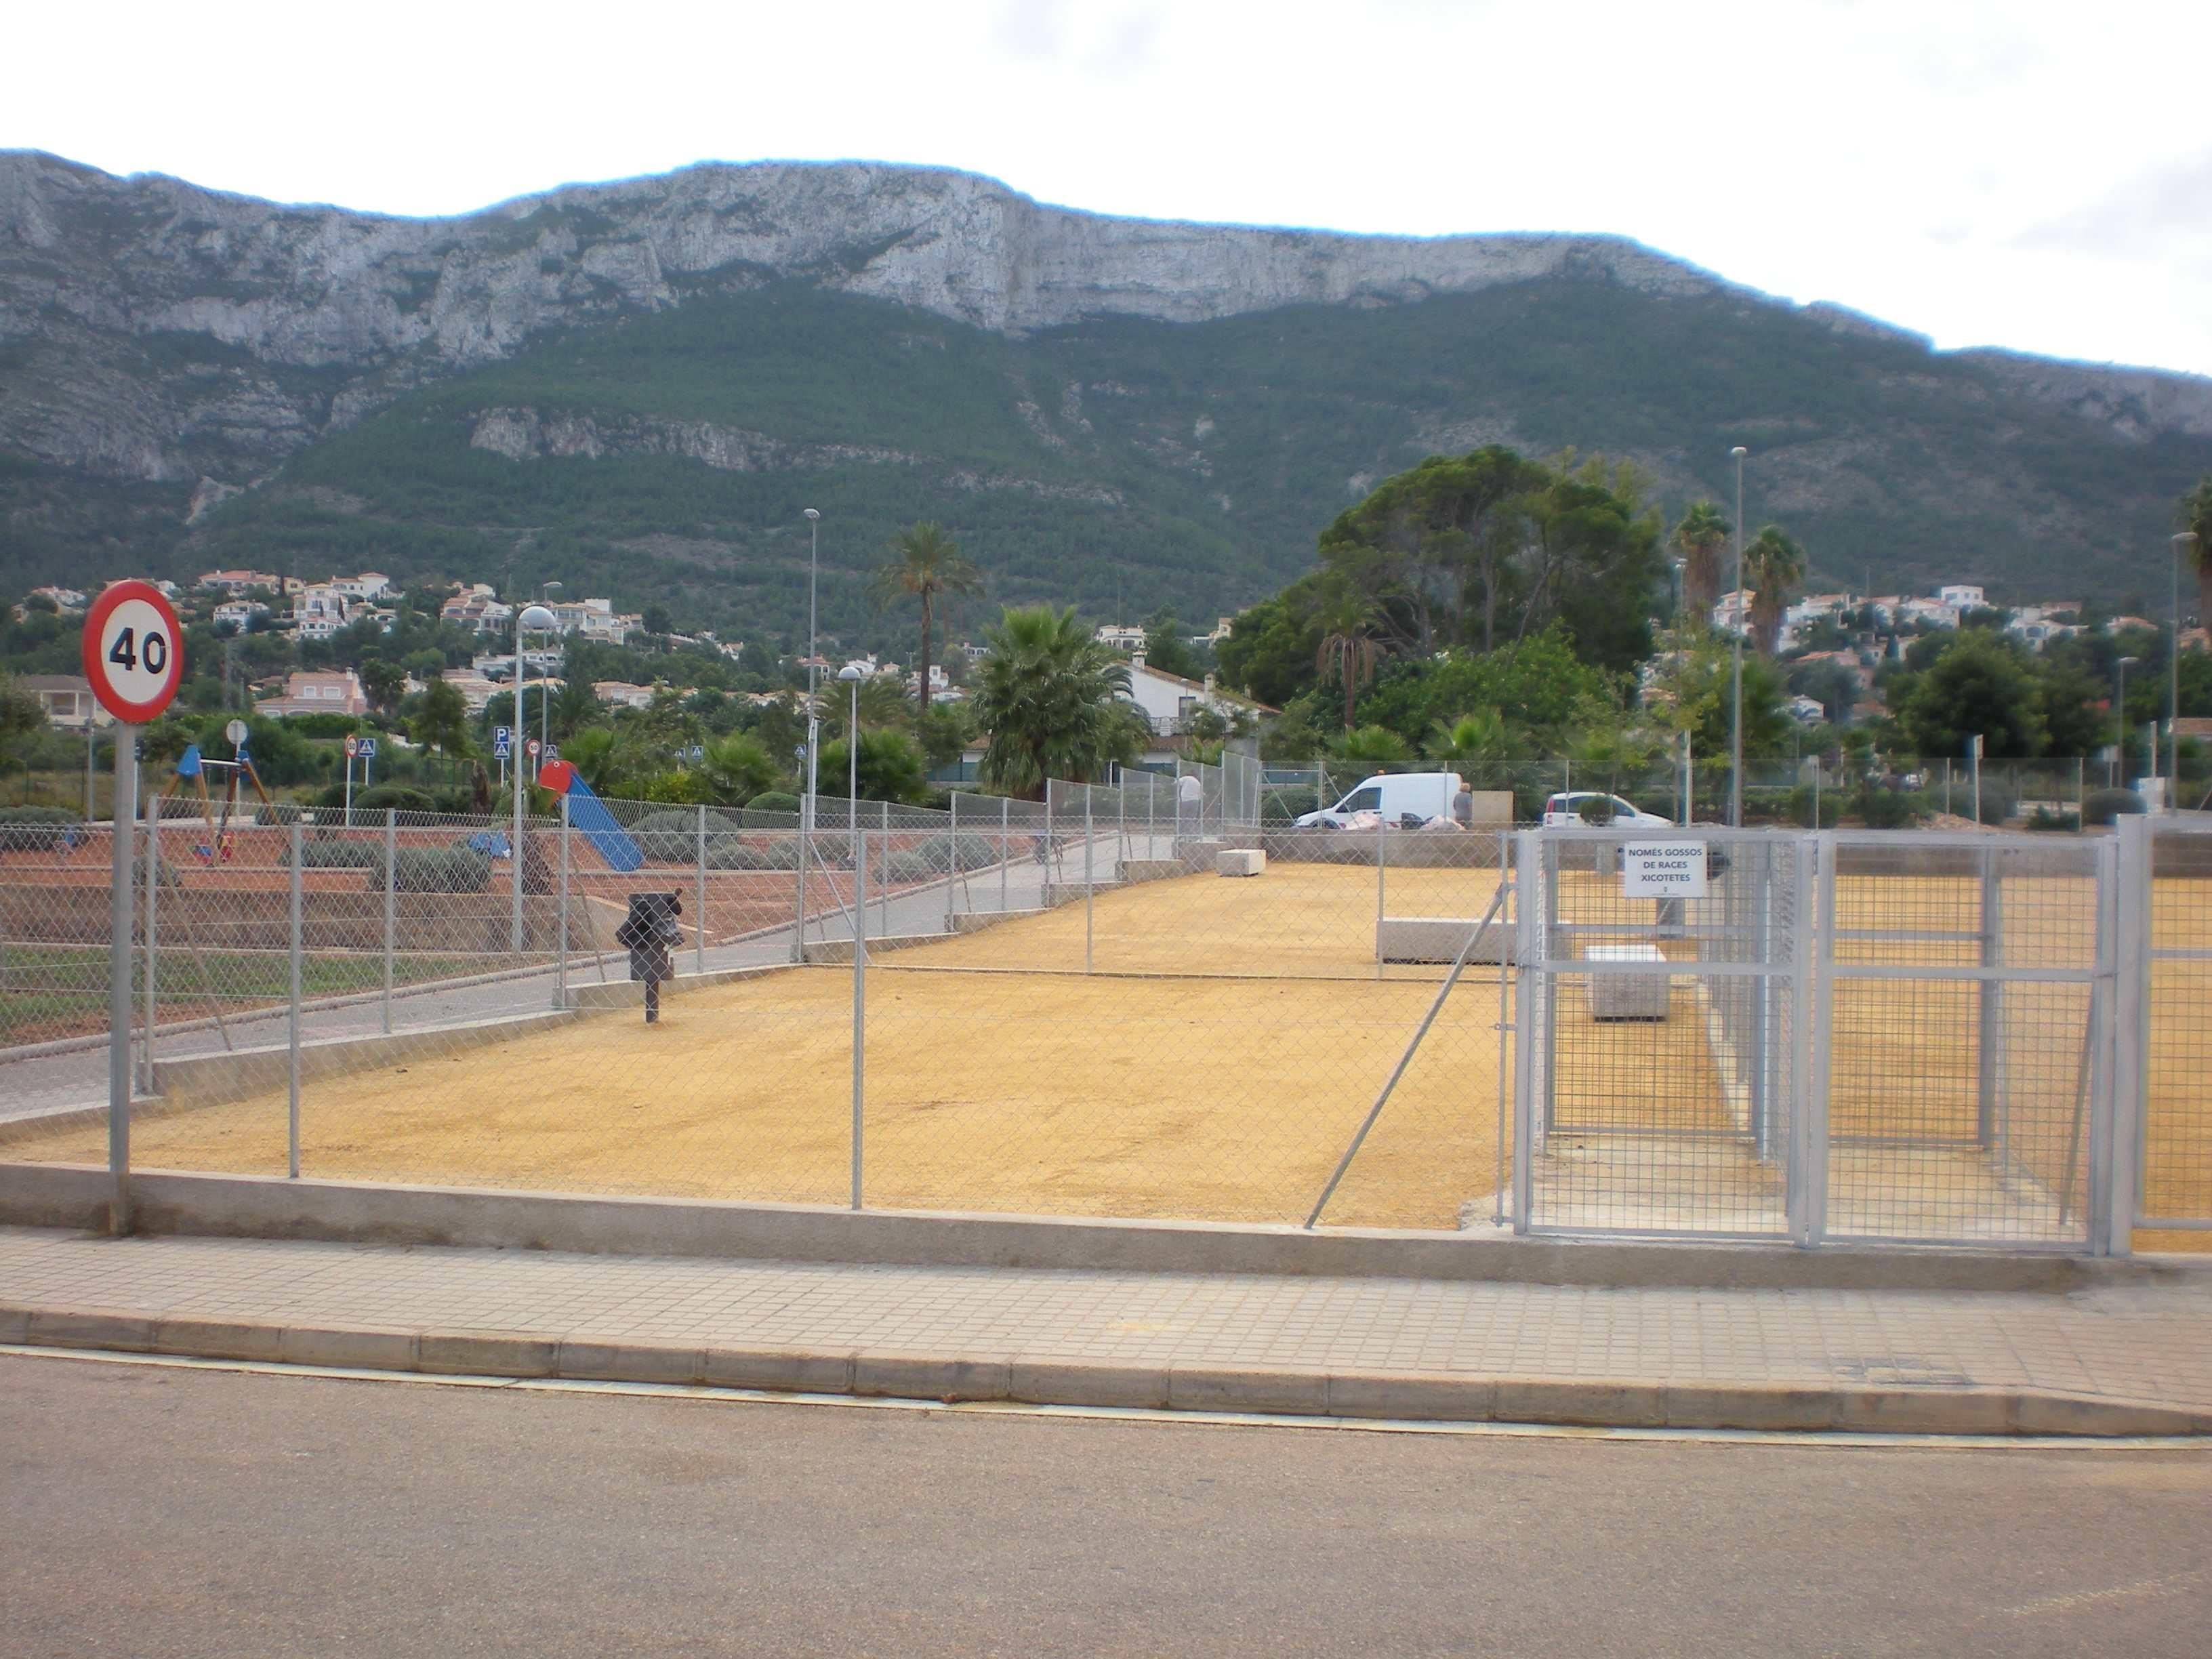 Nuevo parque para perros en la zona de La Pedrera de Dénia